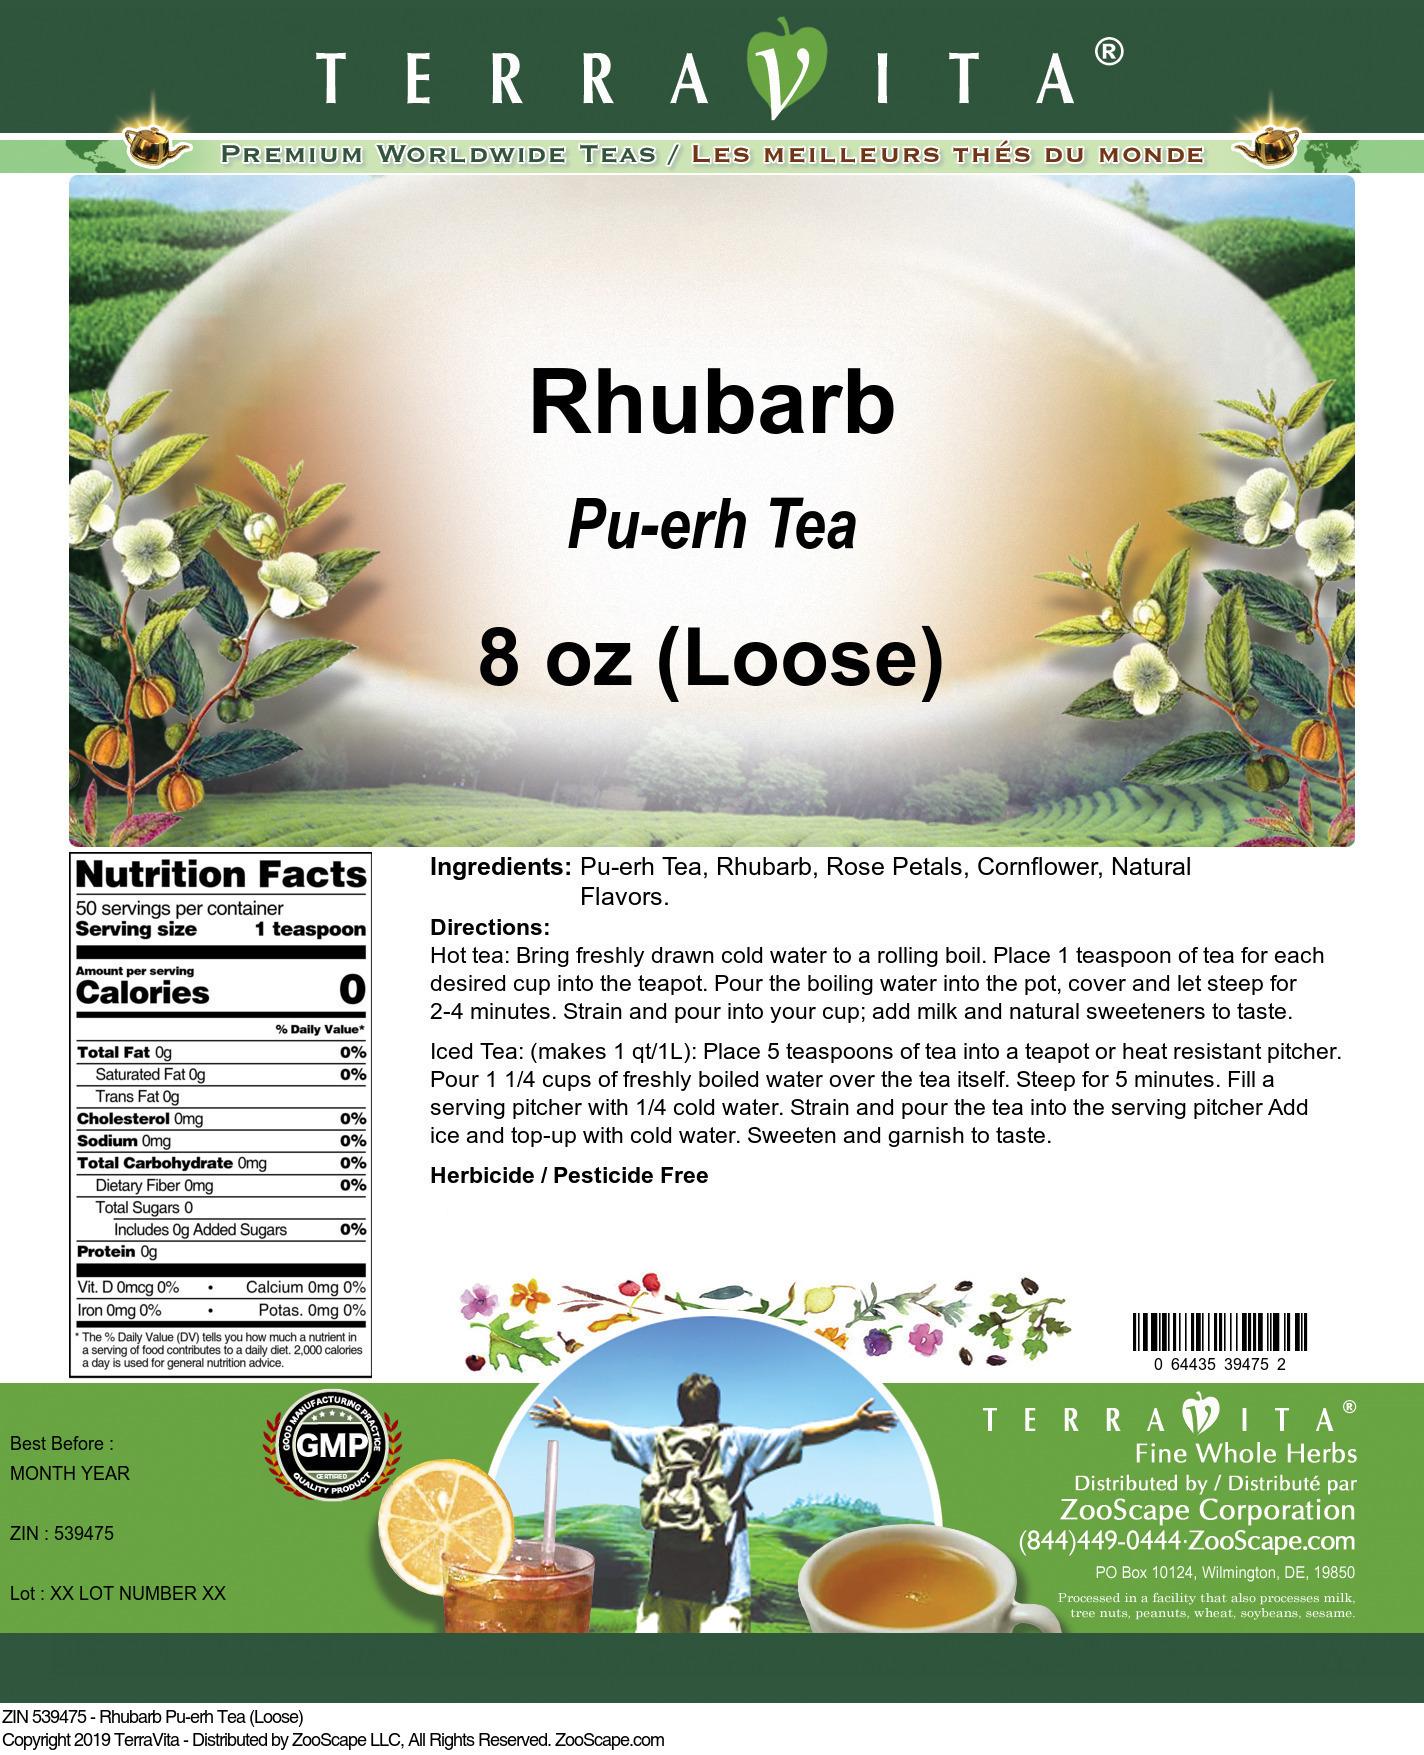 Rhubarb Pu-erh Tea (Loose)